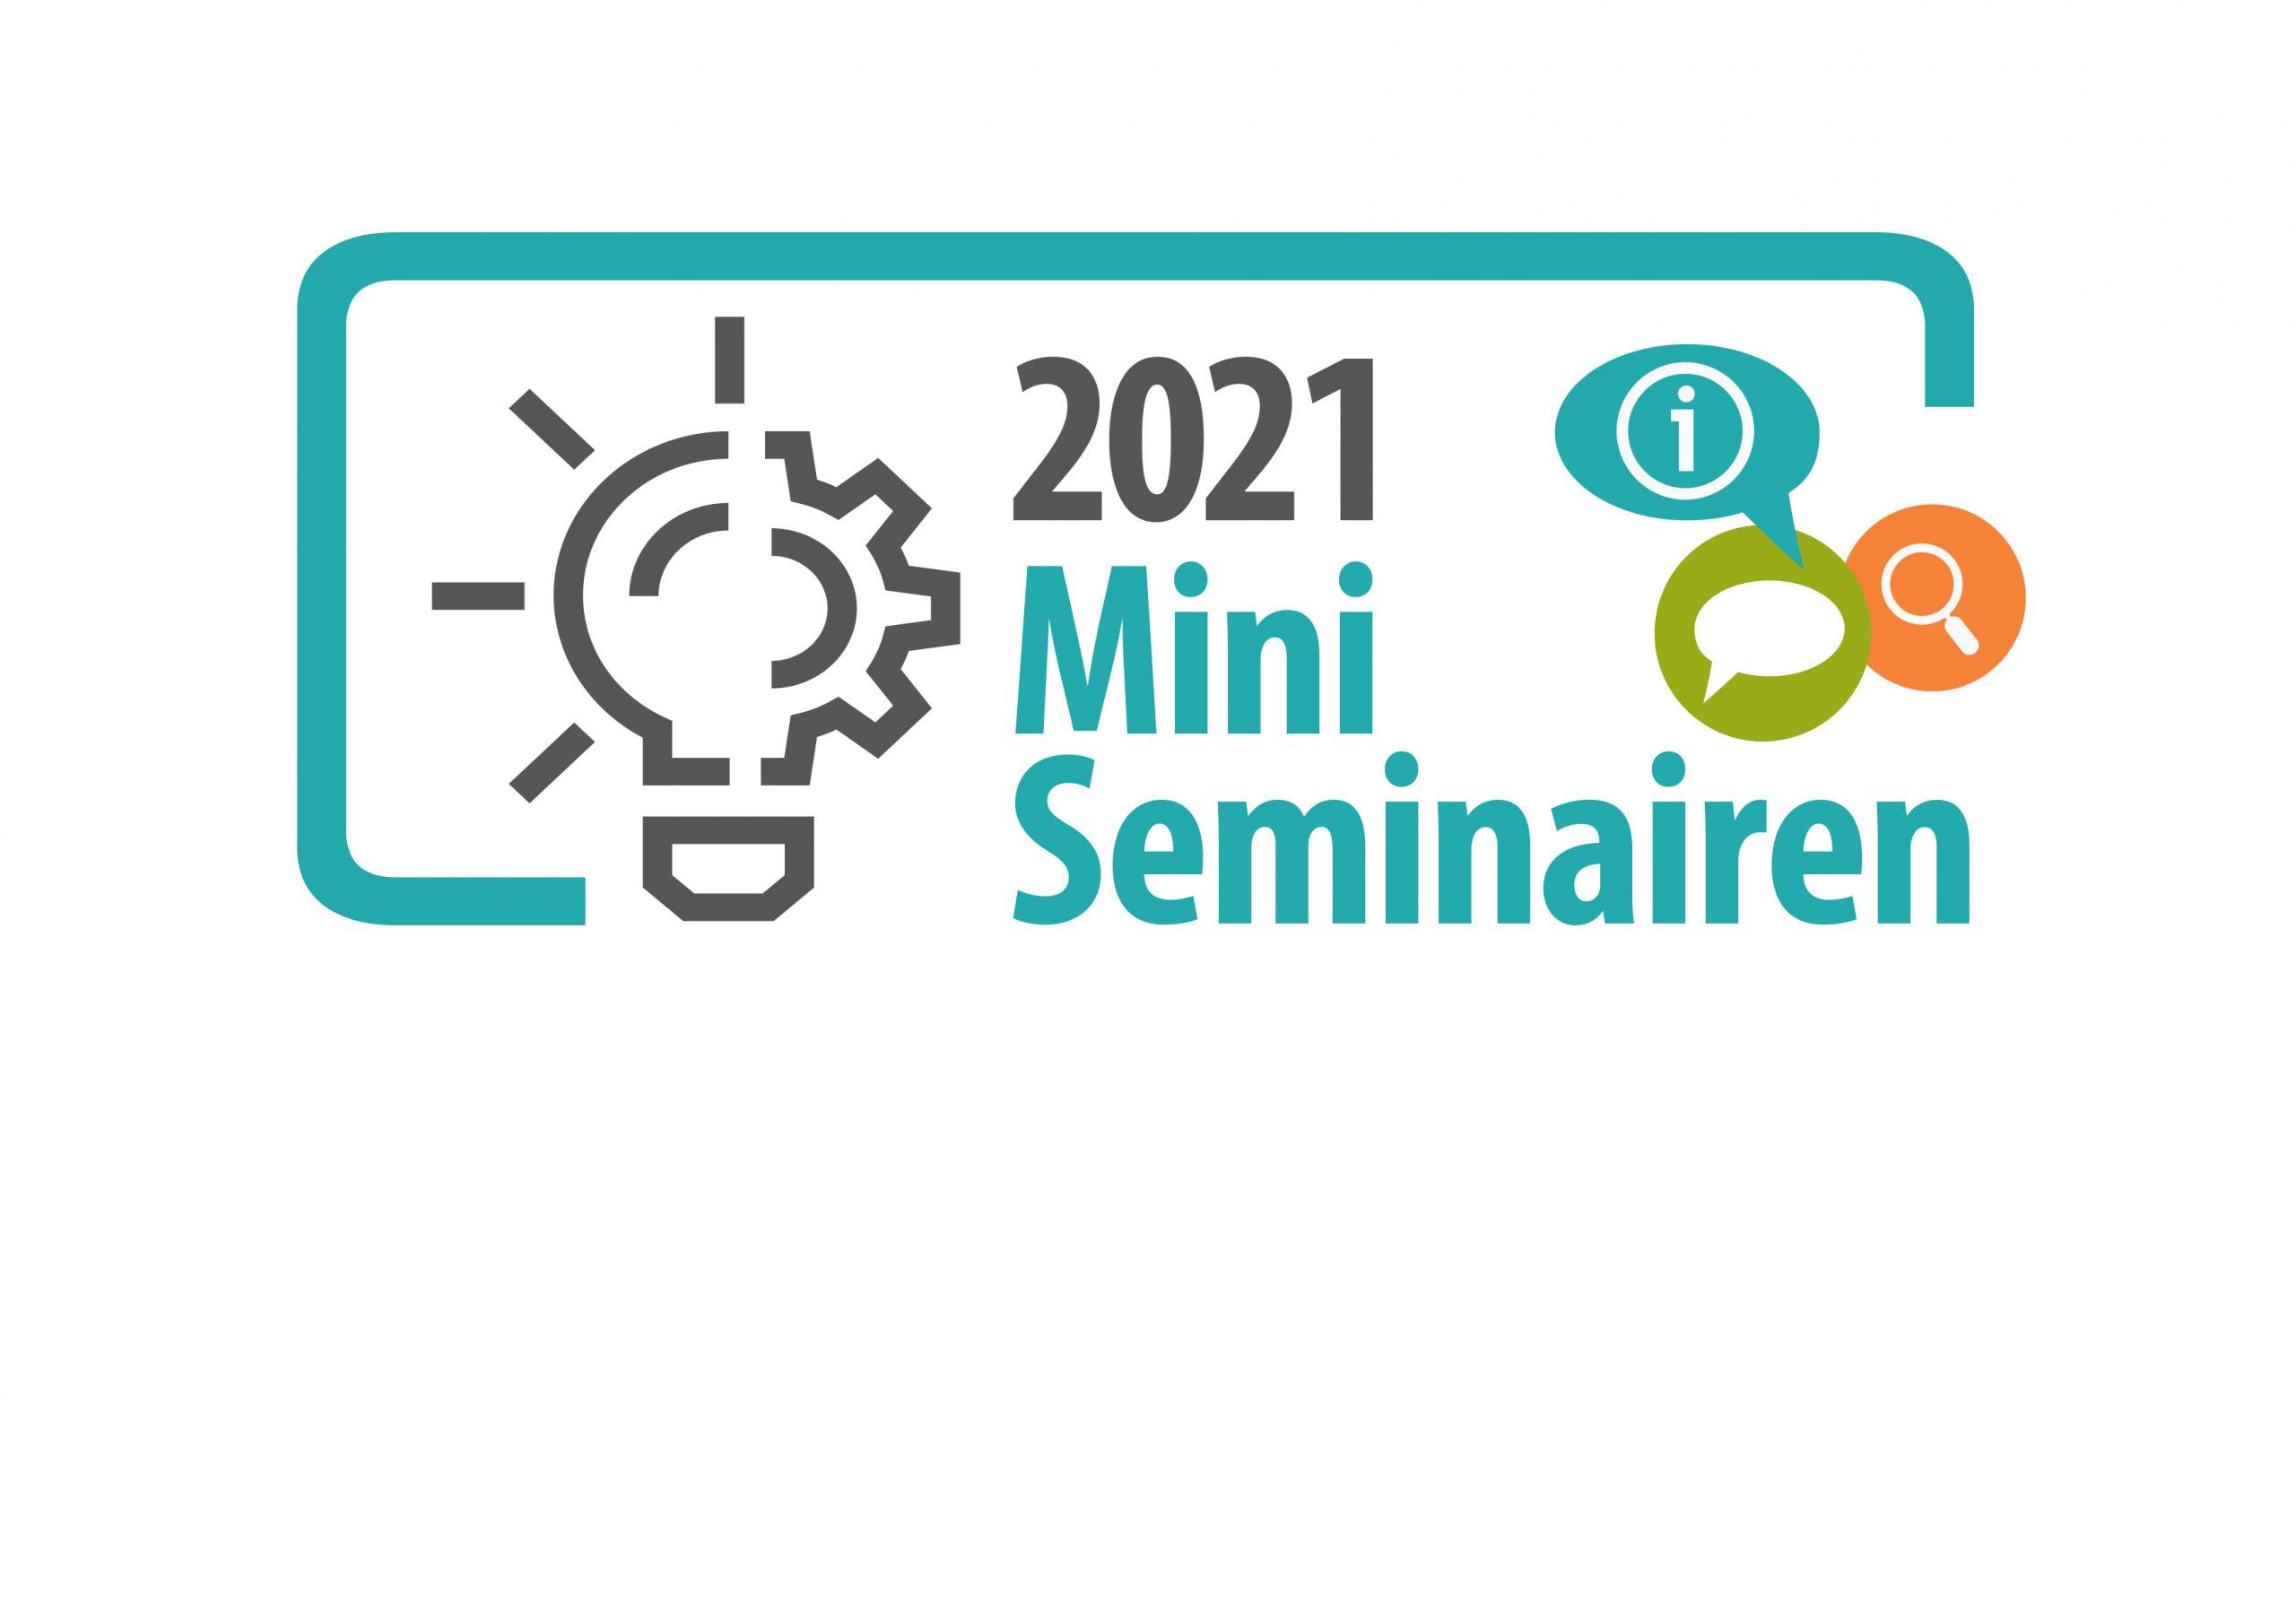 Mini Seminairen